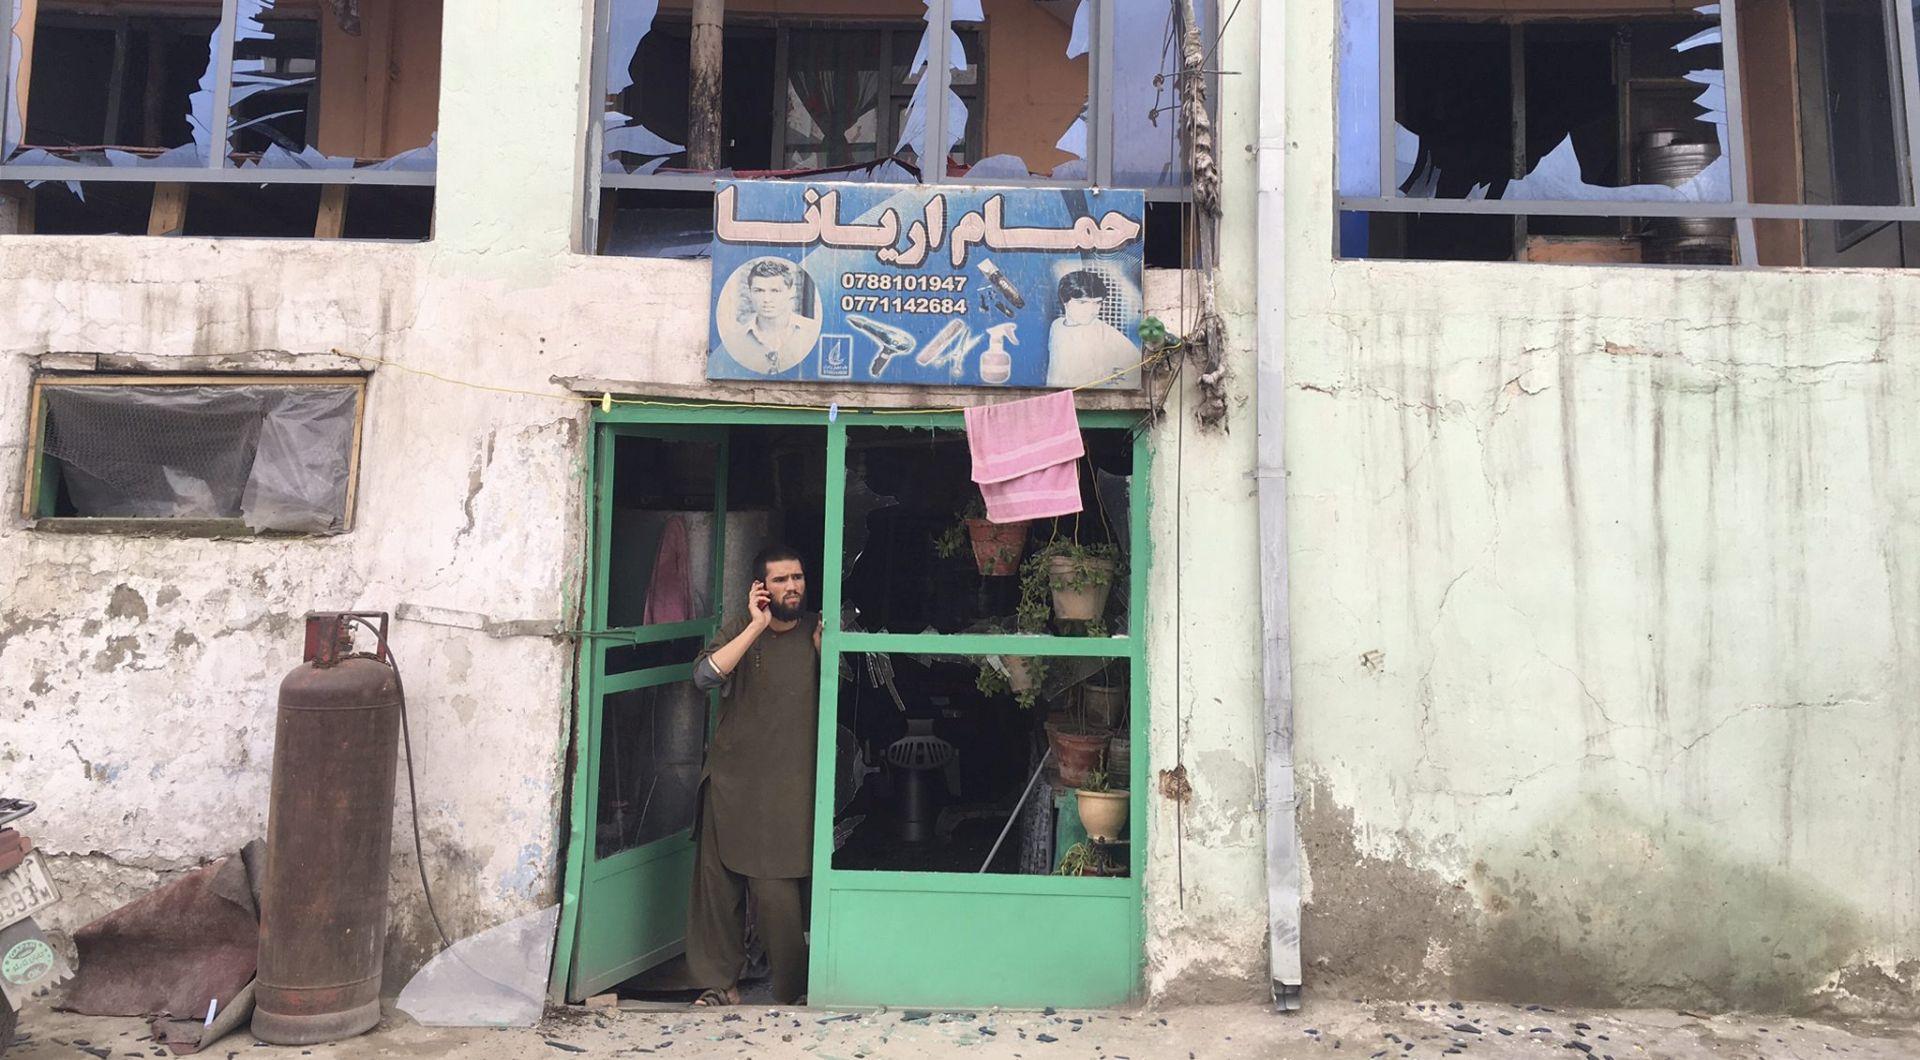 TALIBANSKI NAPAD U Kabulu najmanje 28 poginulih, više od 300 ozlijeđenih